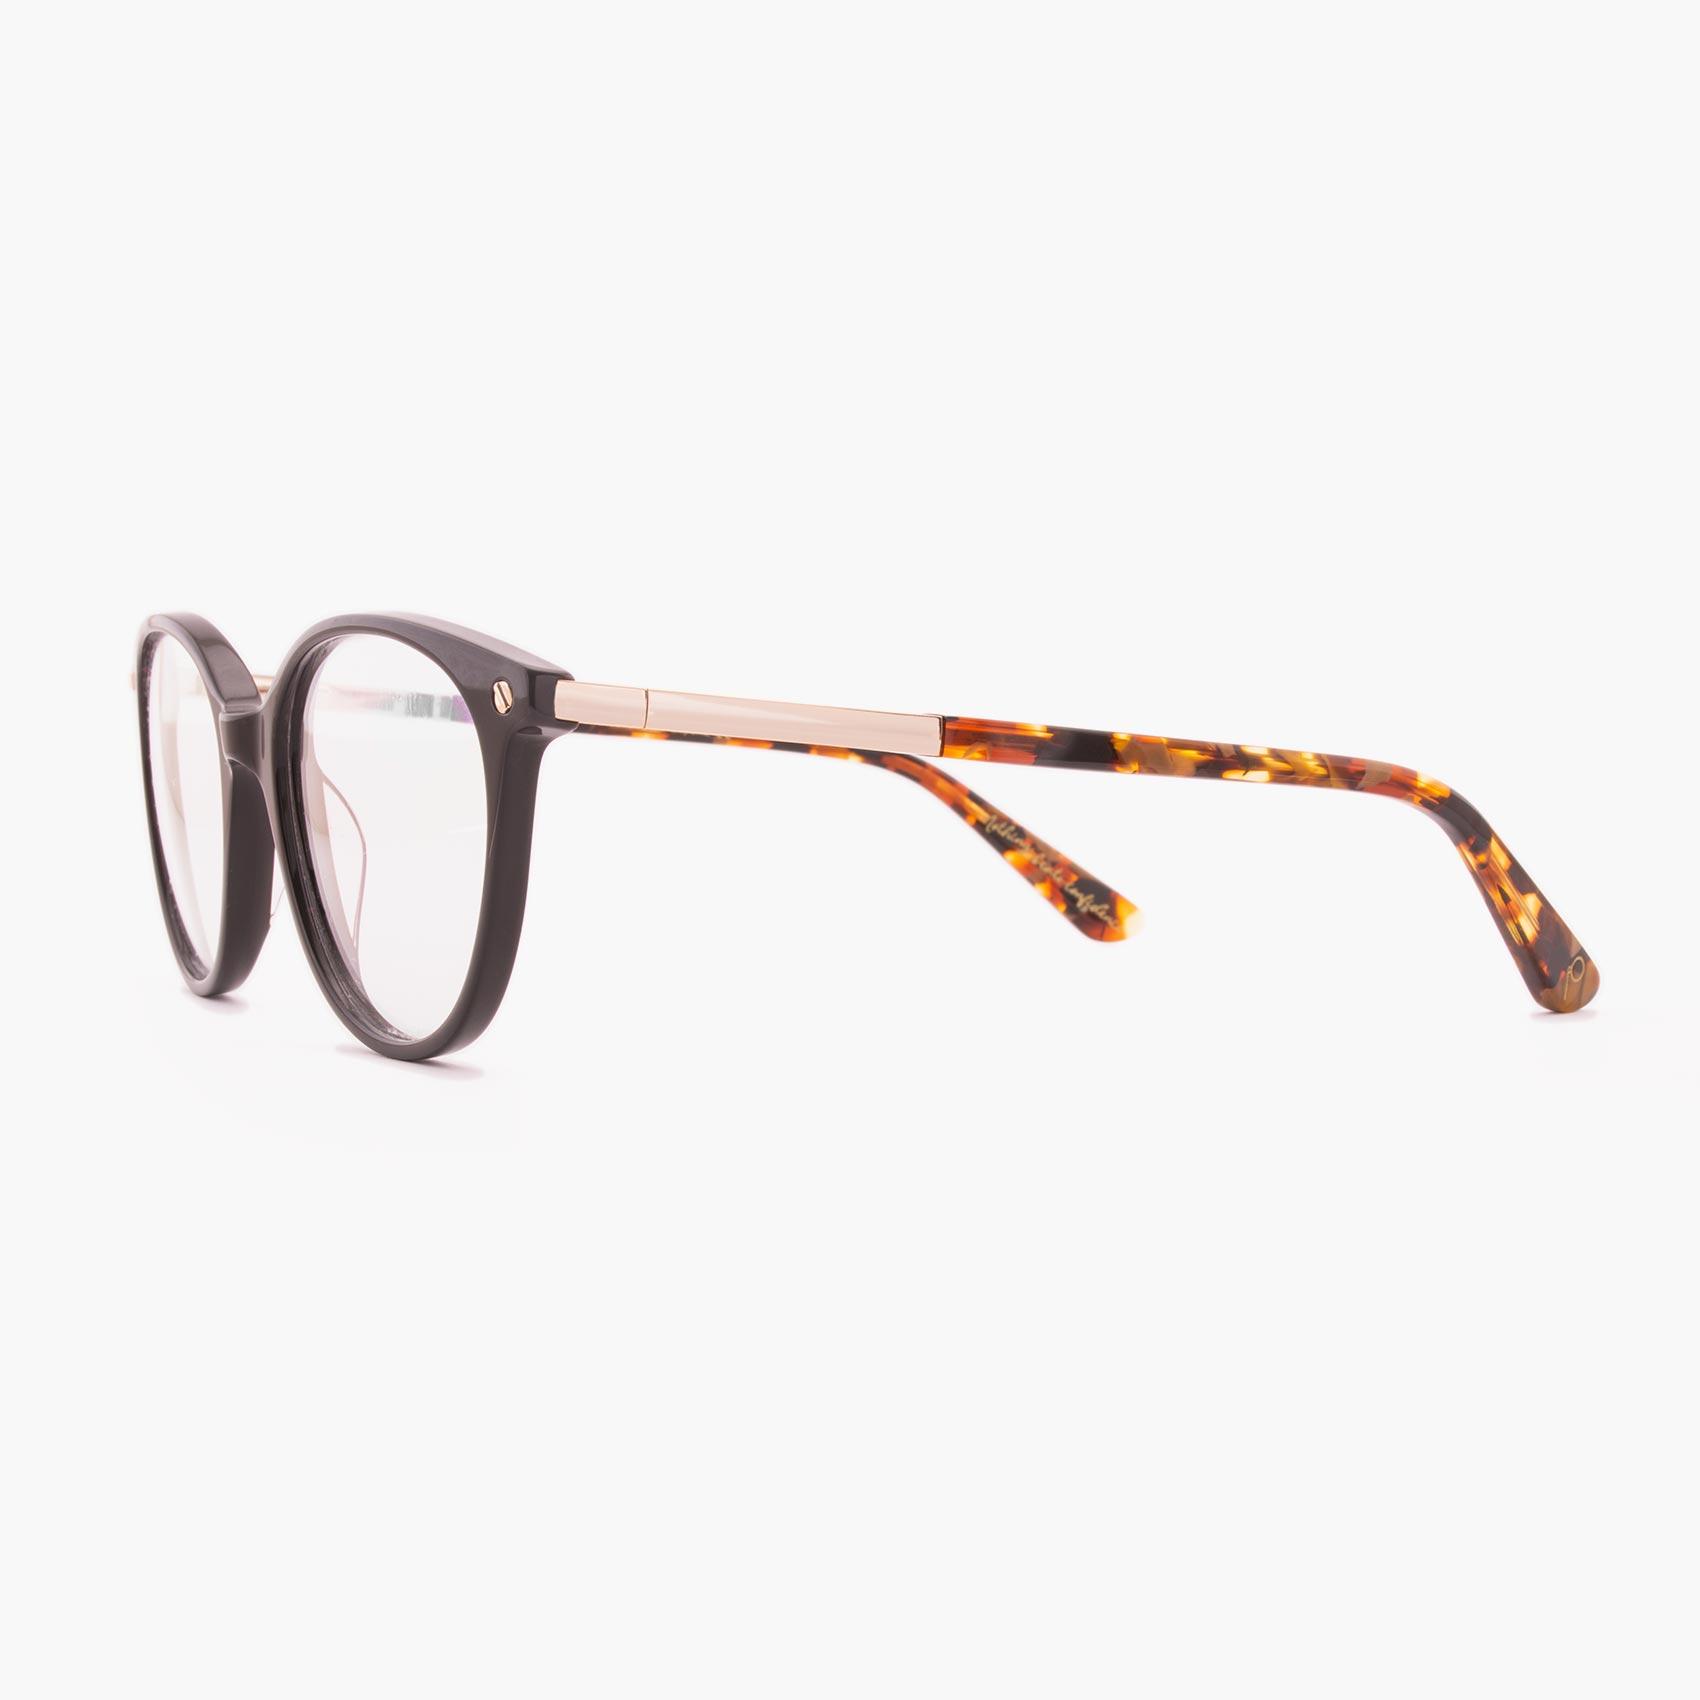 Proud eyewear Charlize C2 L montura gafas mujer 2019